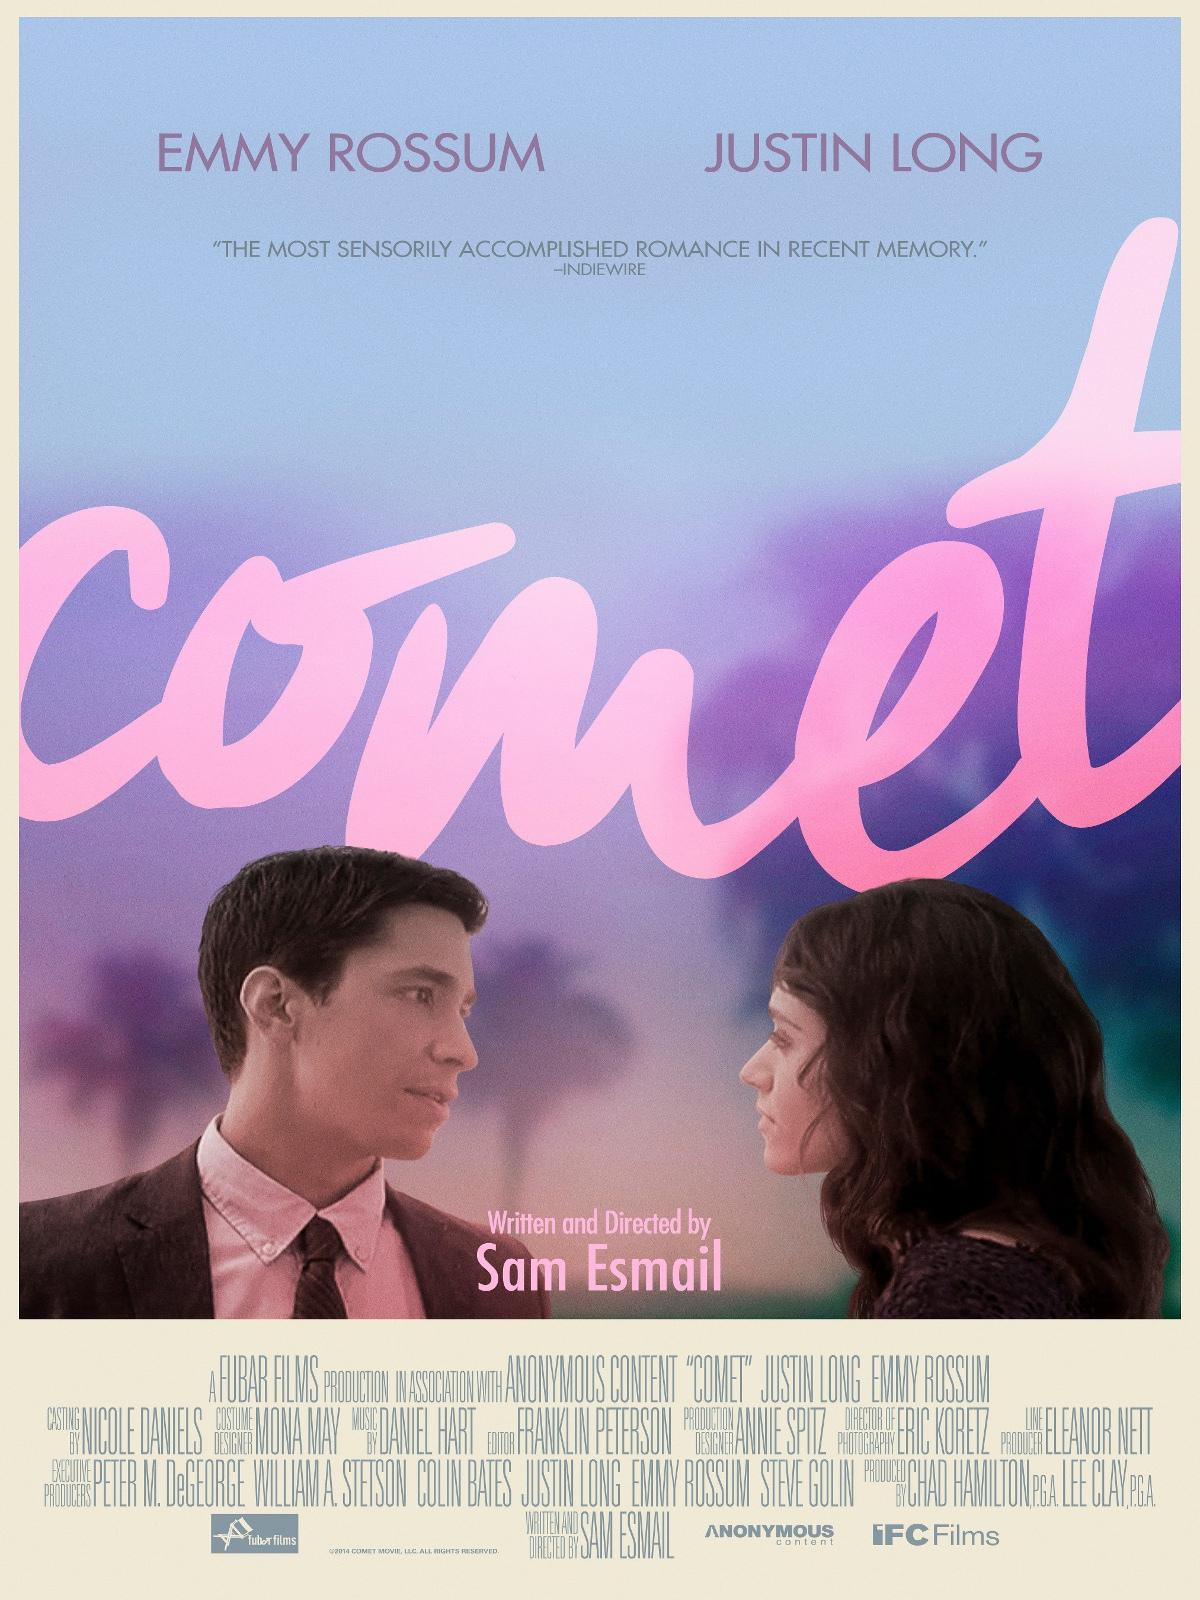 Comet ddl